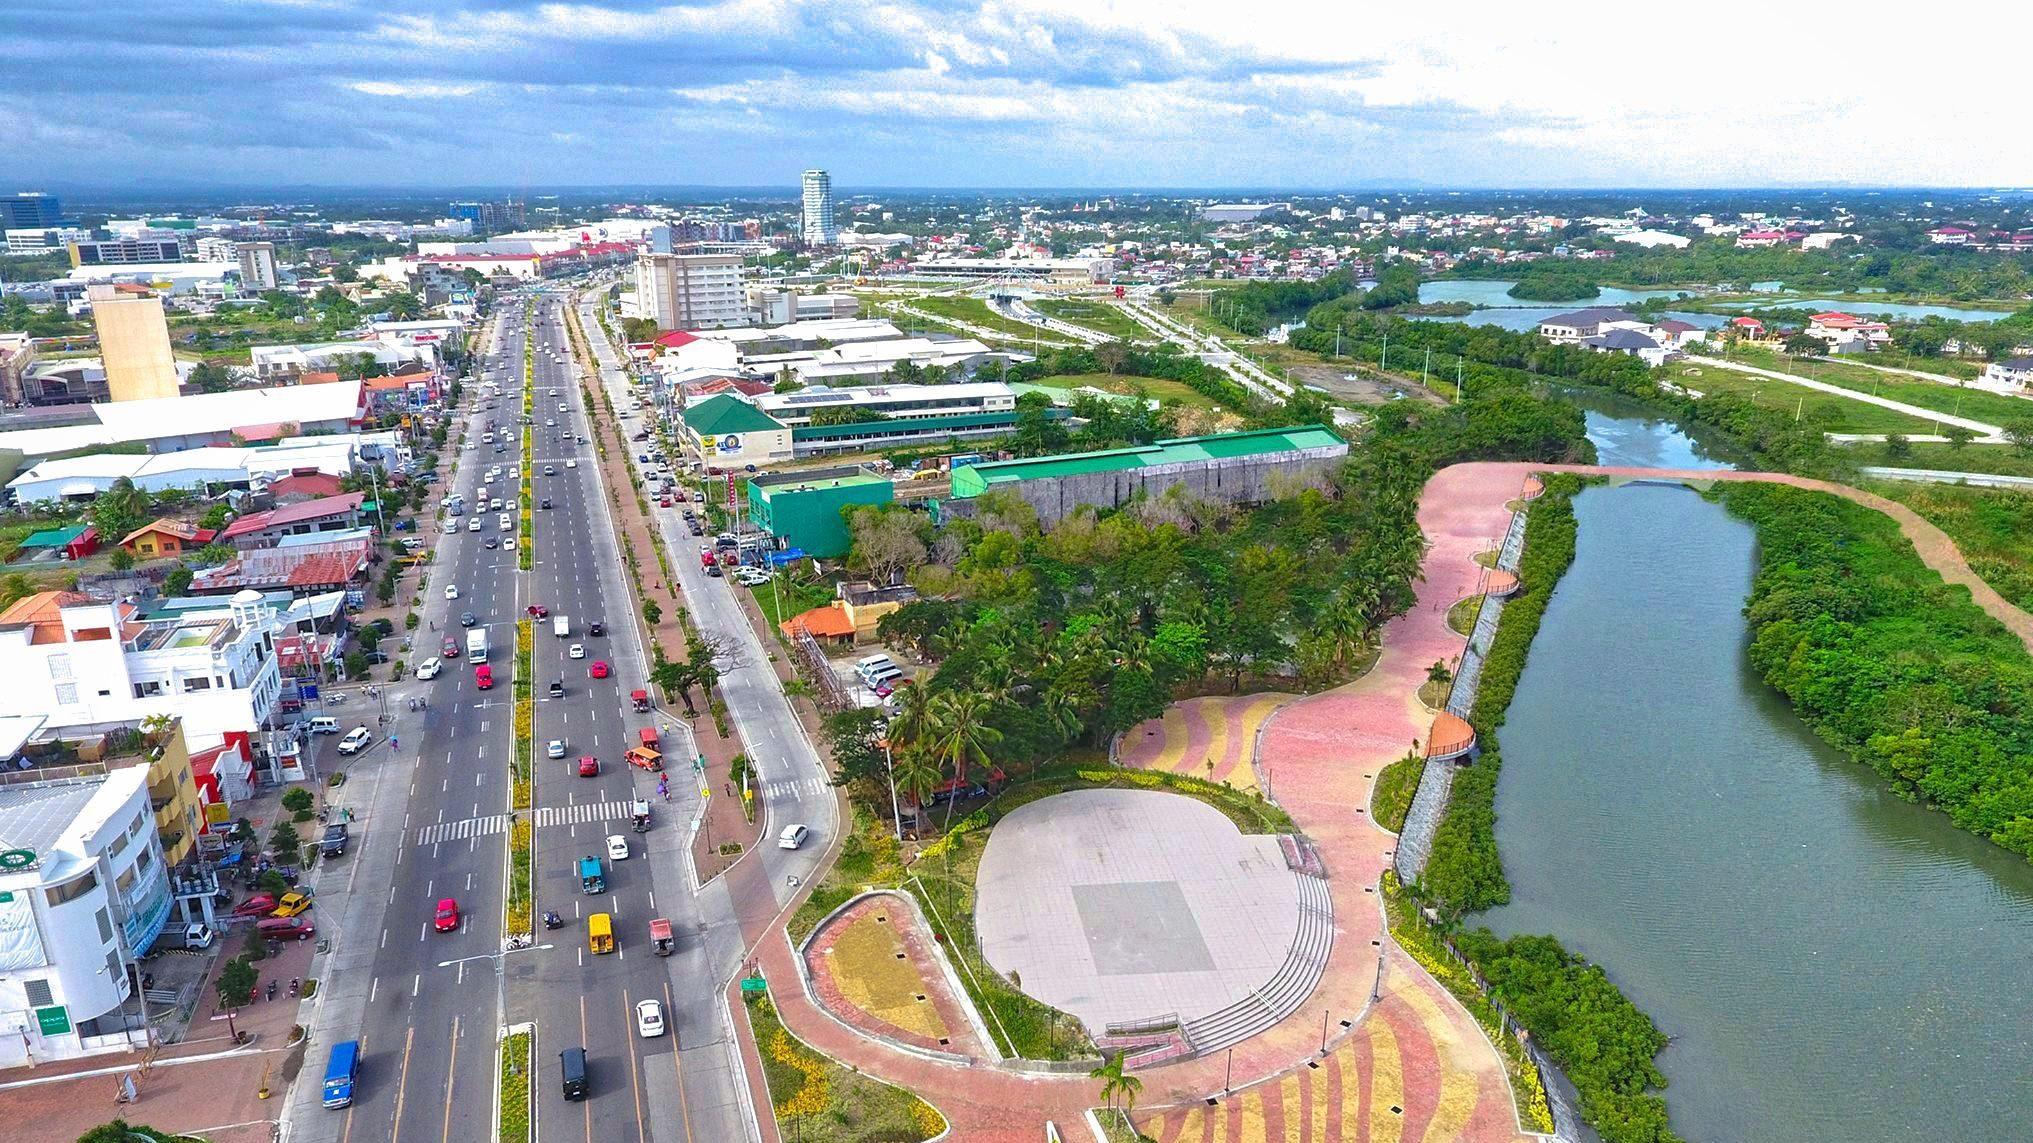 Best Money Changer Forex Iloilo City - Iloilo City Forum - Tripadvisor